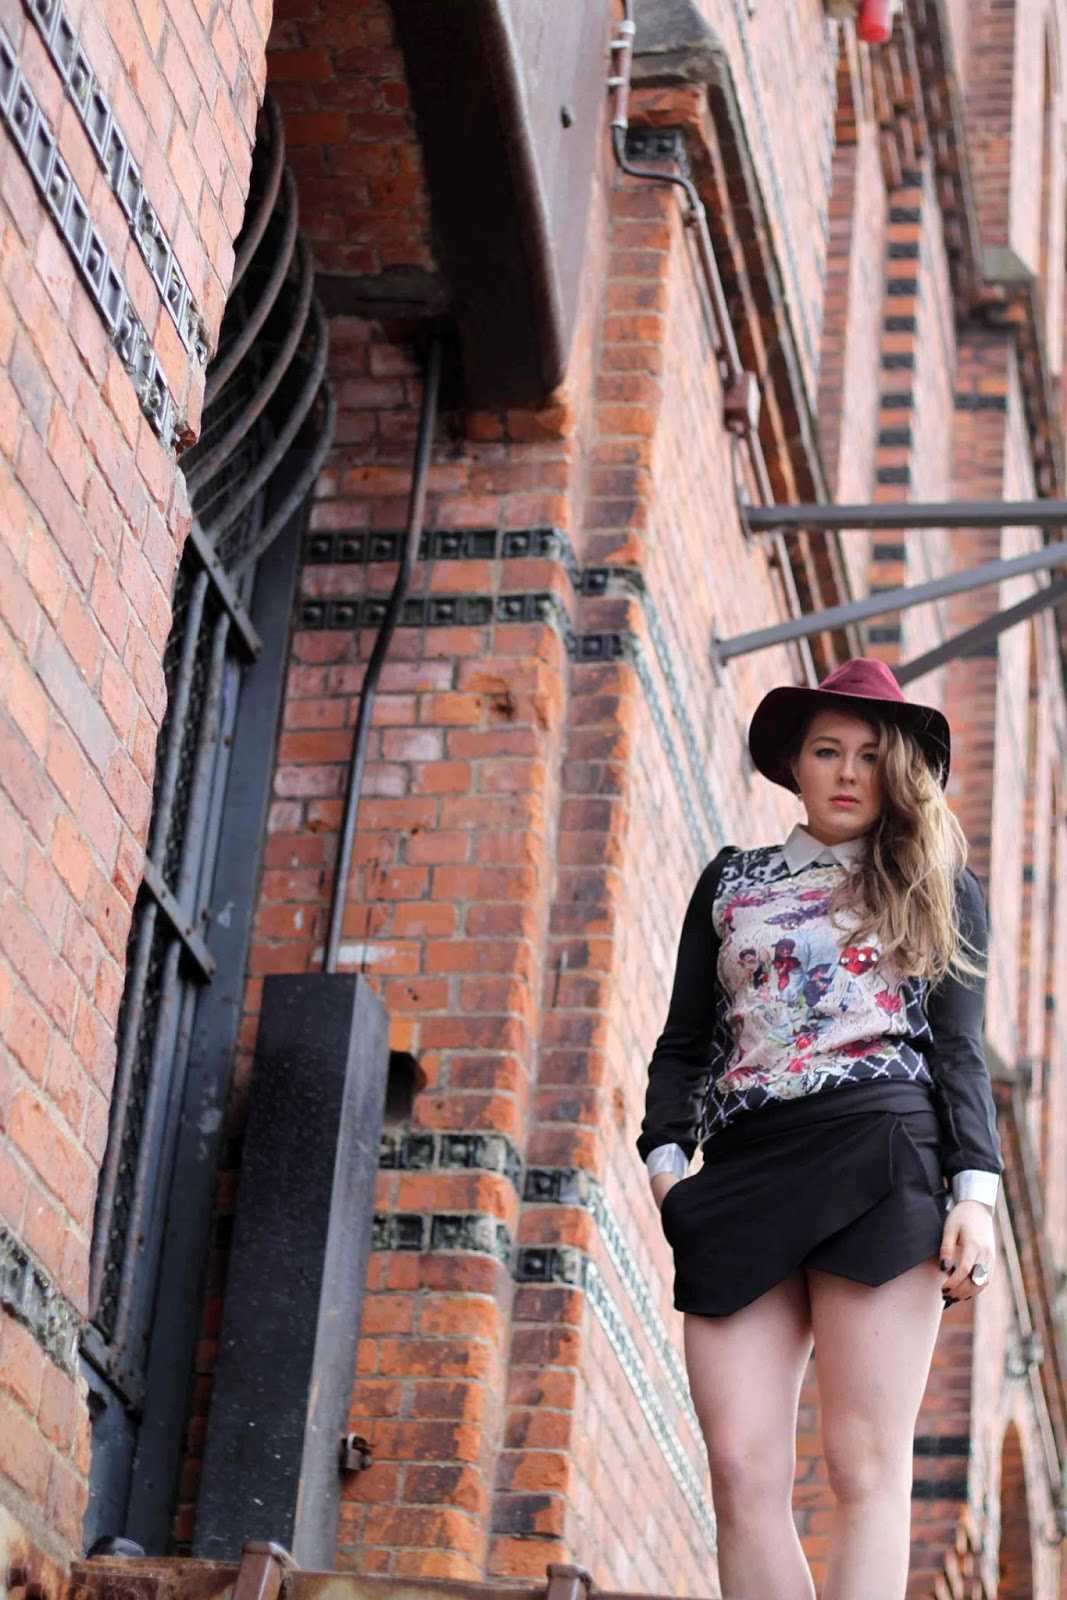 Lilac floppy hat, Hut, black Zara skort, schwarze skorts, Barock shirt, beste deutsche Modeblogger, best german fashion blogger, nude stud steve madden, hamburg, germany, harbor,